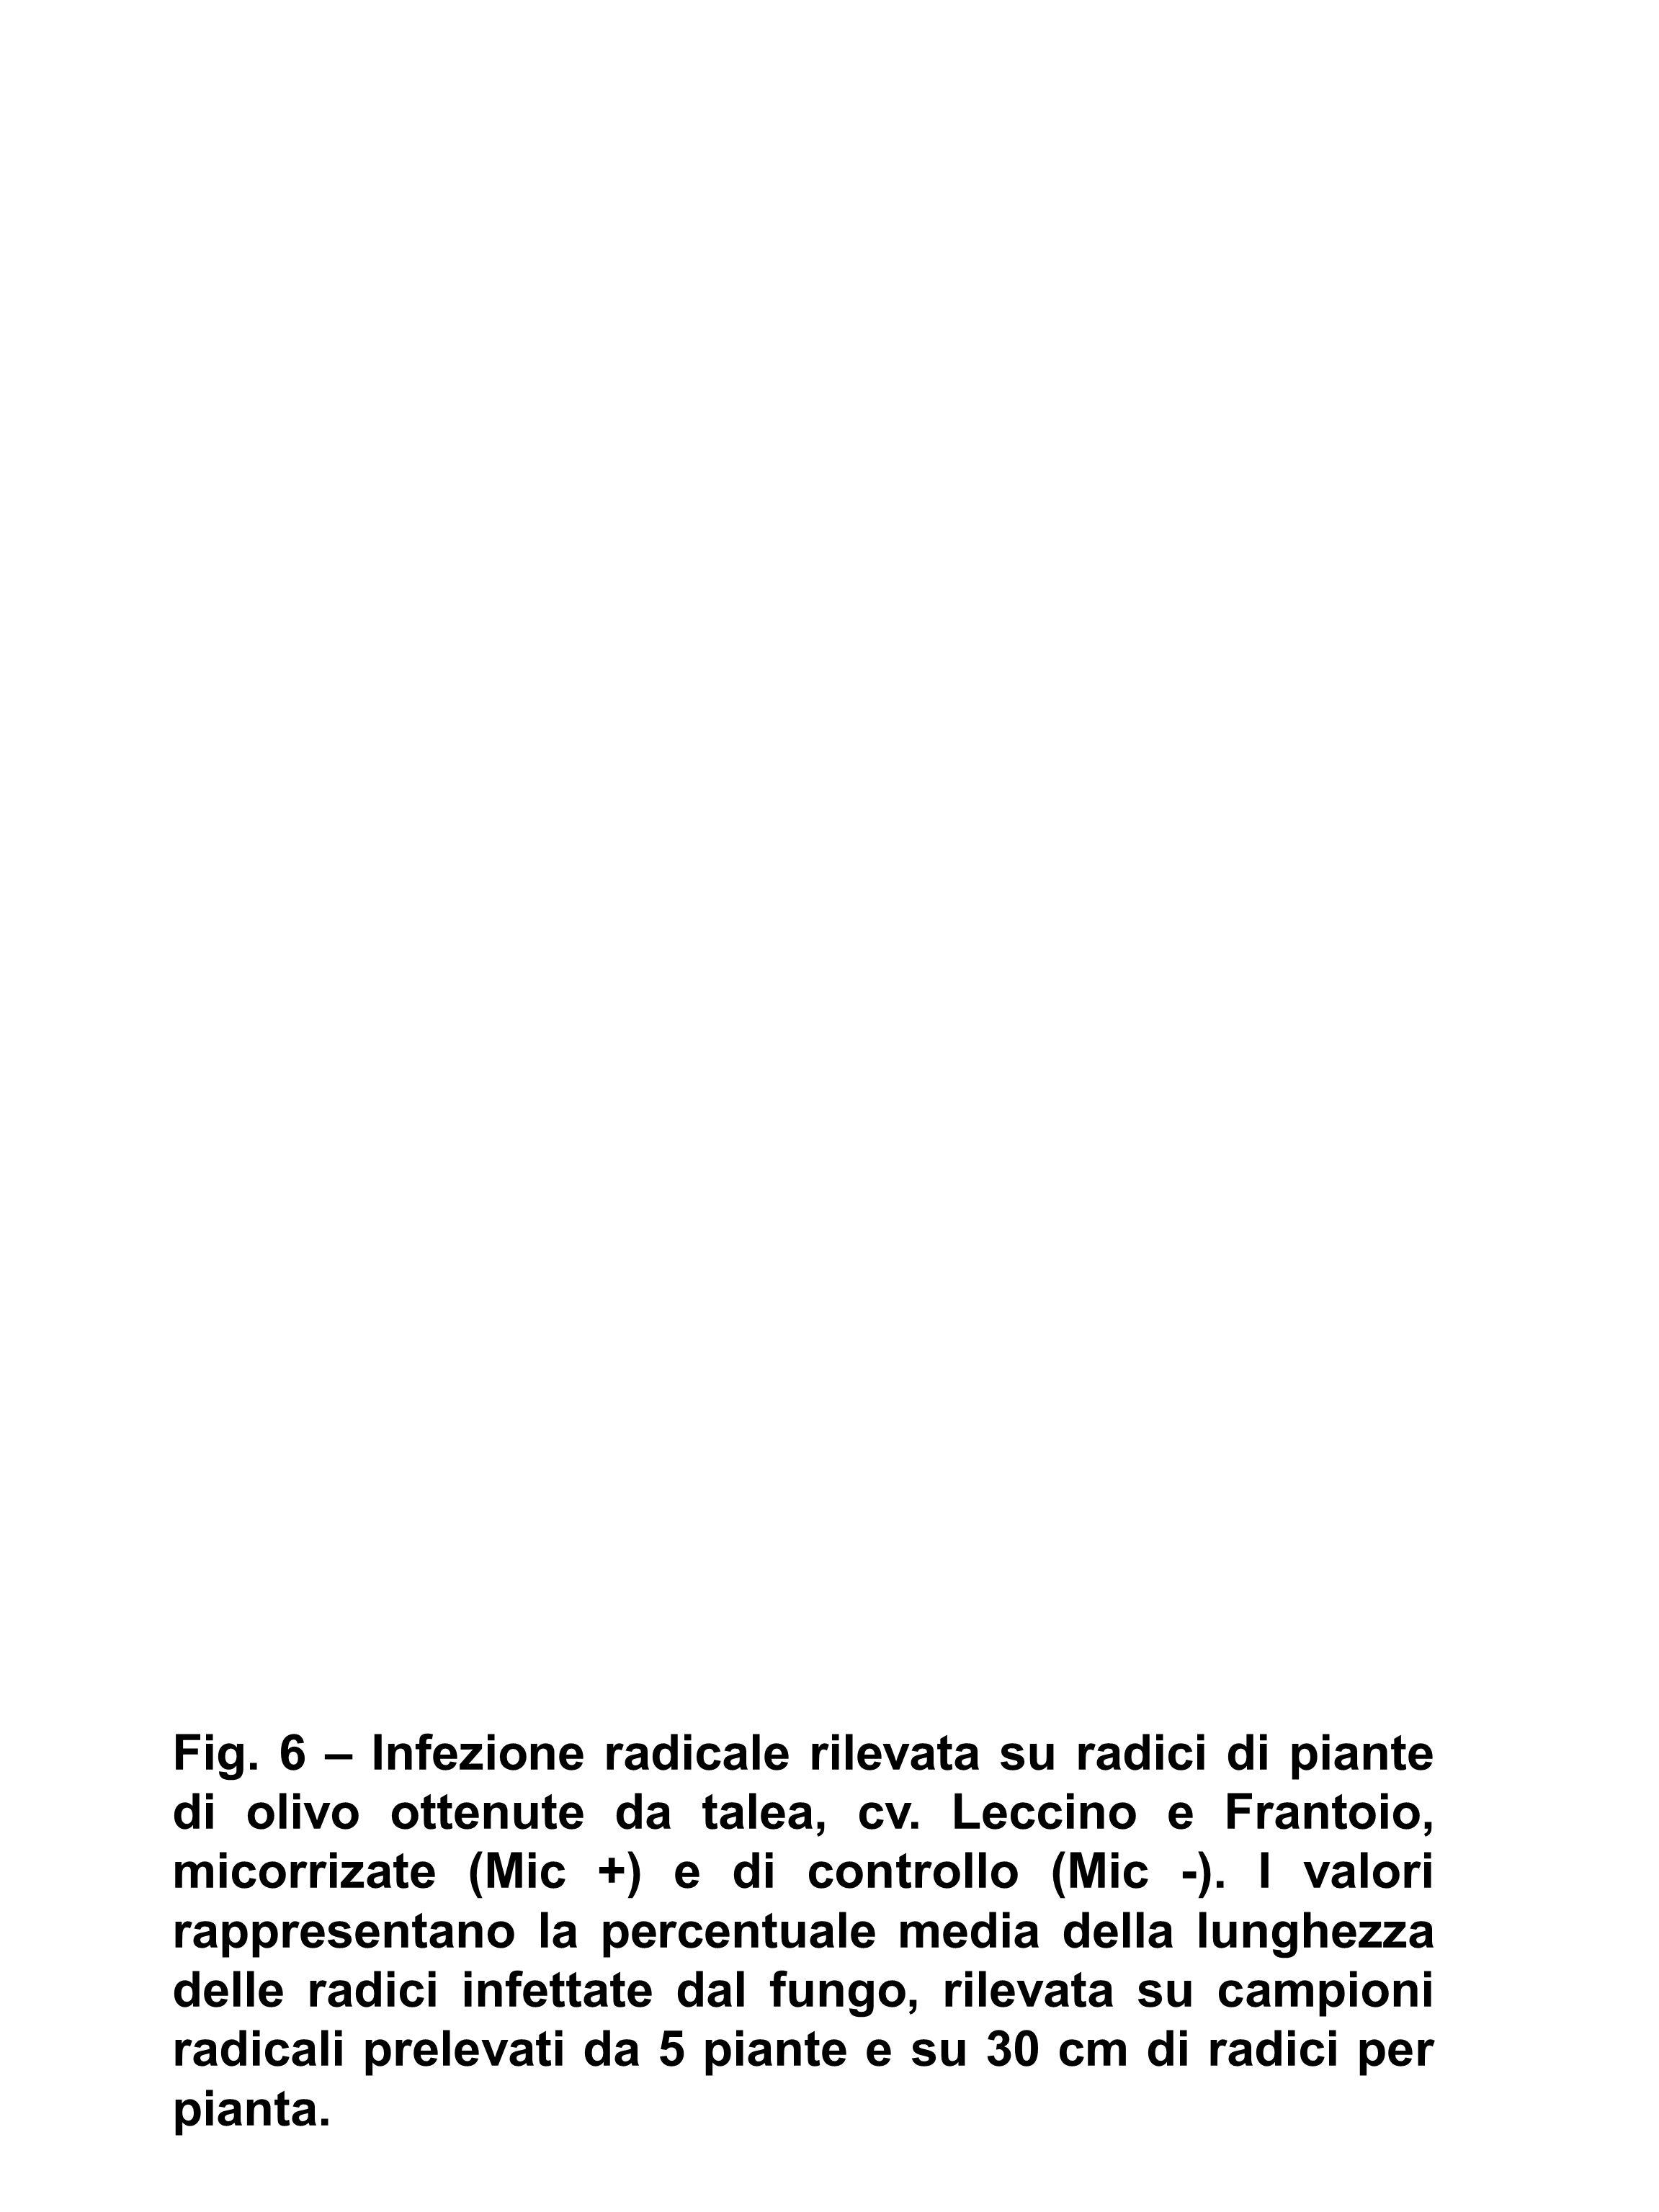 Fig. 6 – Infezione radicale rilevata su radici di piante di olivo ottenute da talea, cv. Leccino e Frantoio, micorrizate (Mic +) e di controllo (Mic -